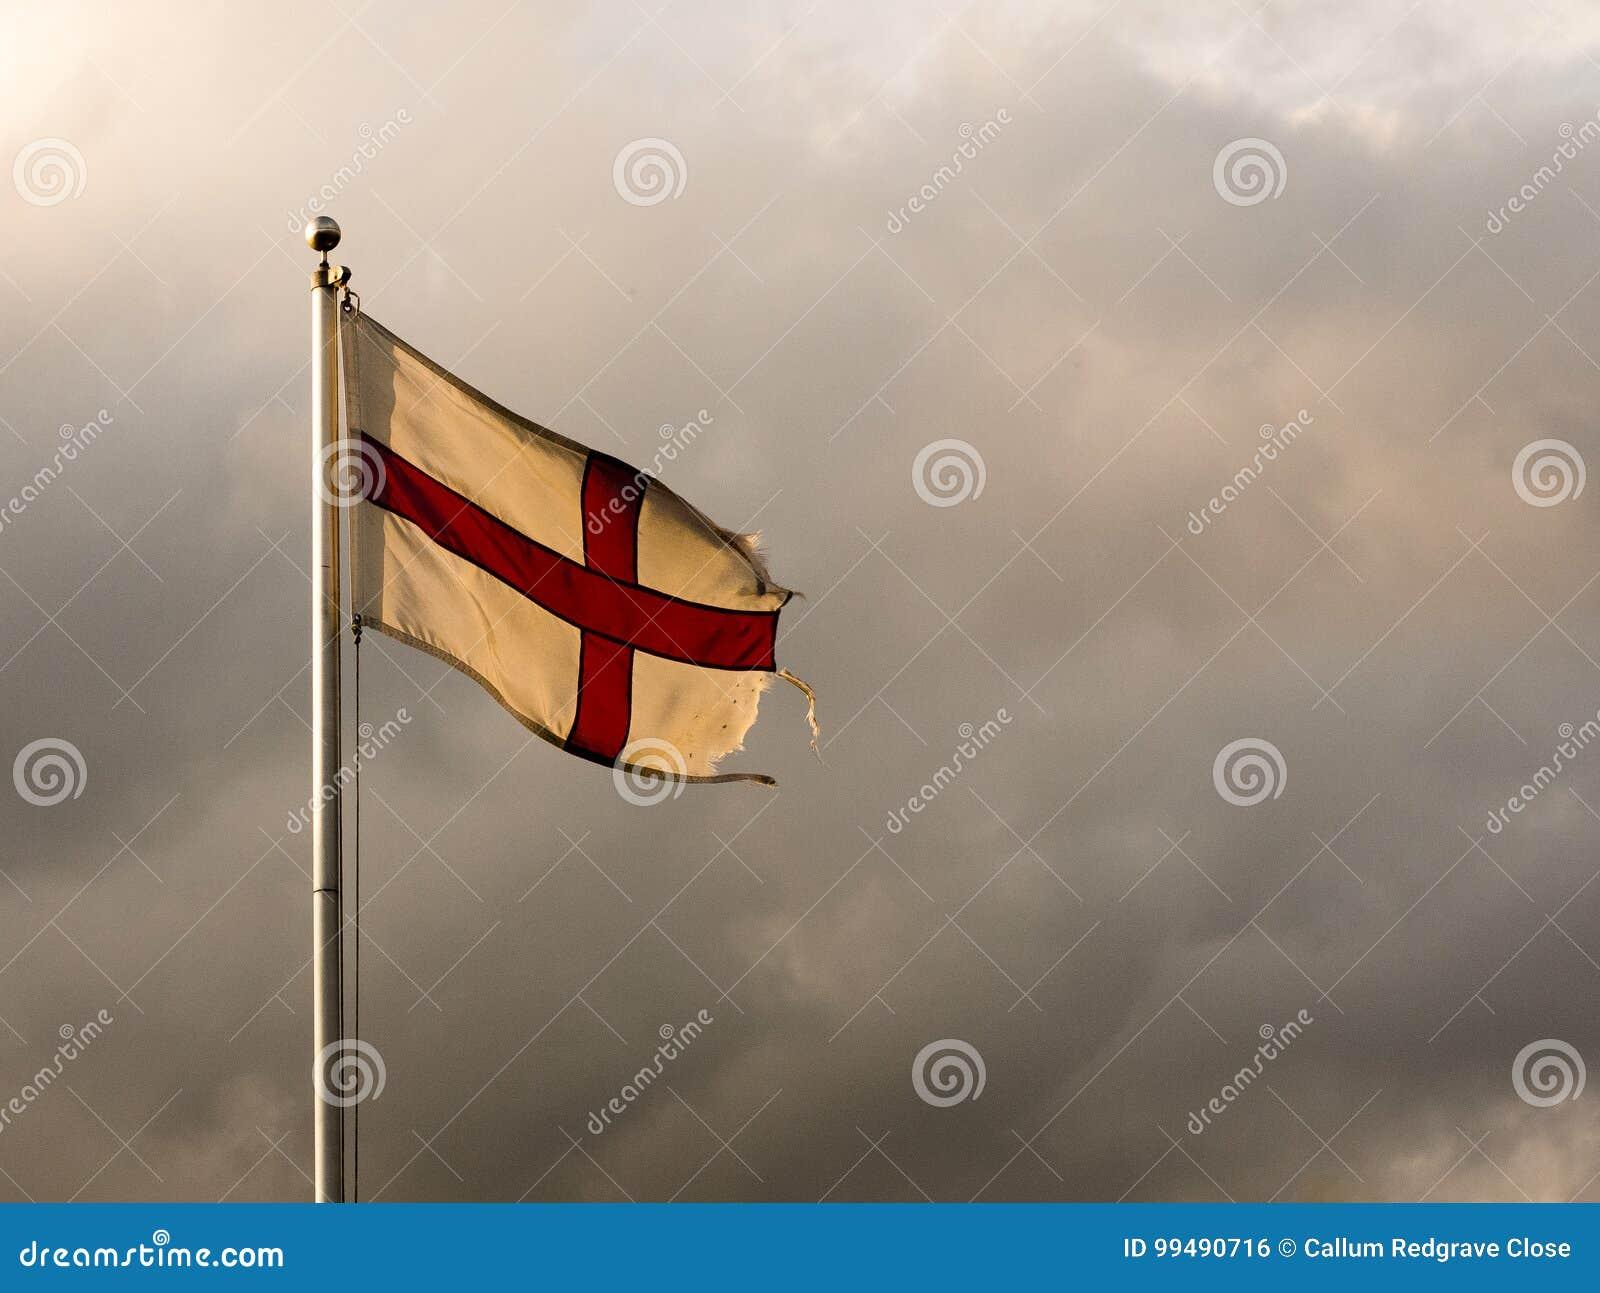 Anglia zaznacza latanie w niebie na słupie, dramatyczny chmurzący